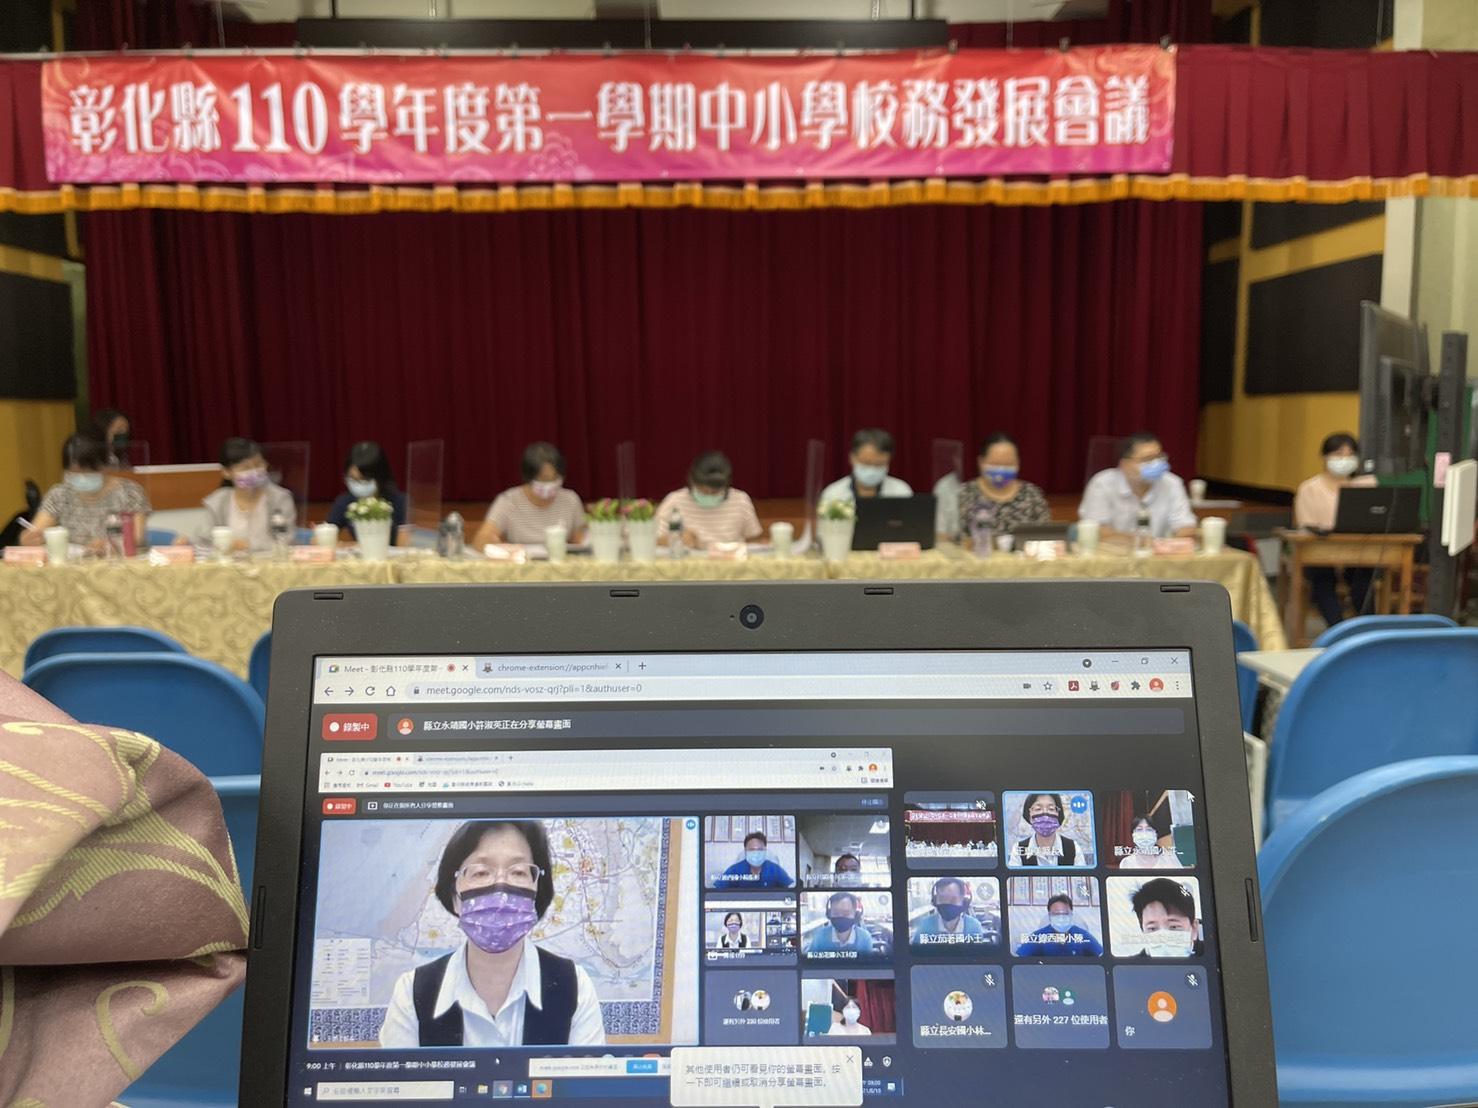 彰化縣110學年度第一學期中小學校務發展會議